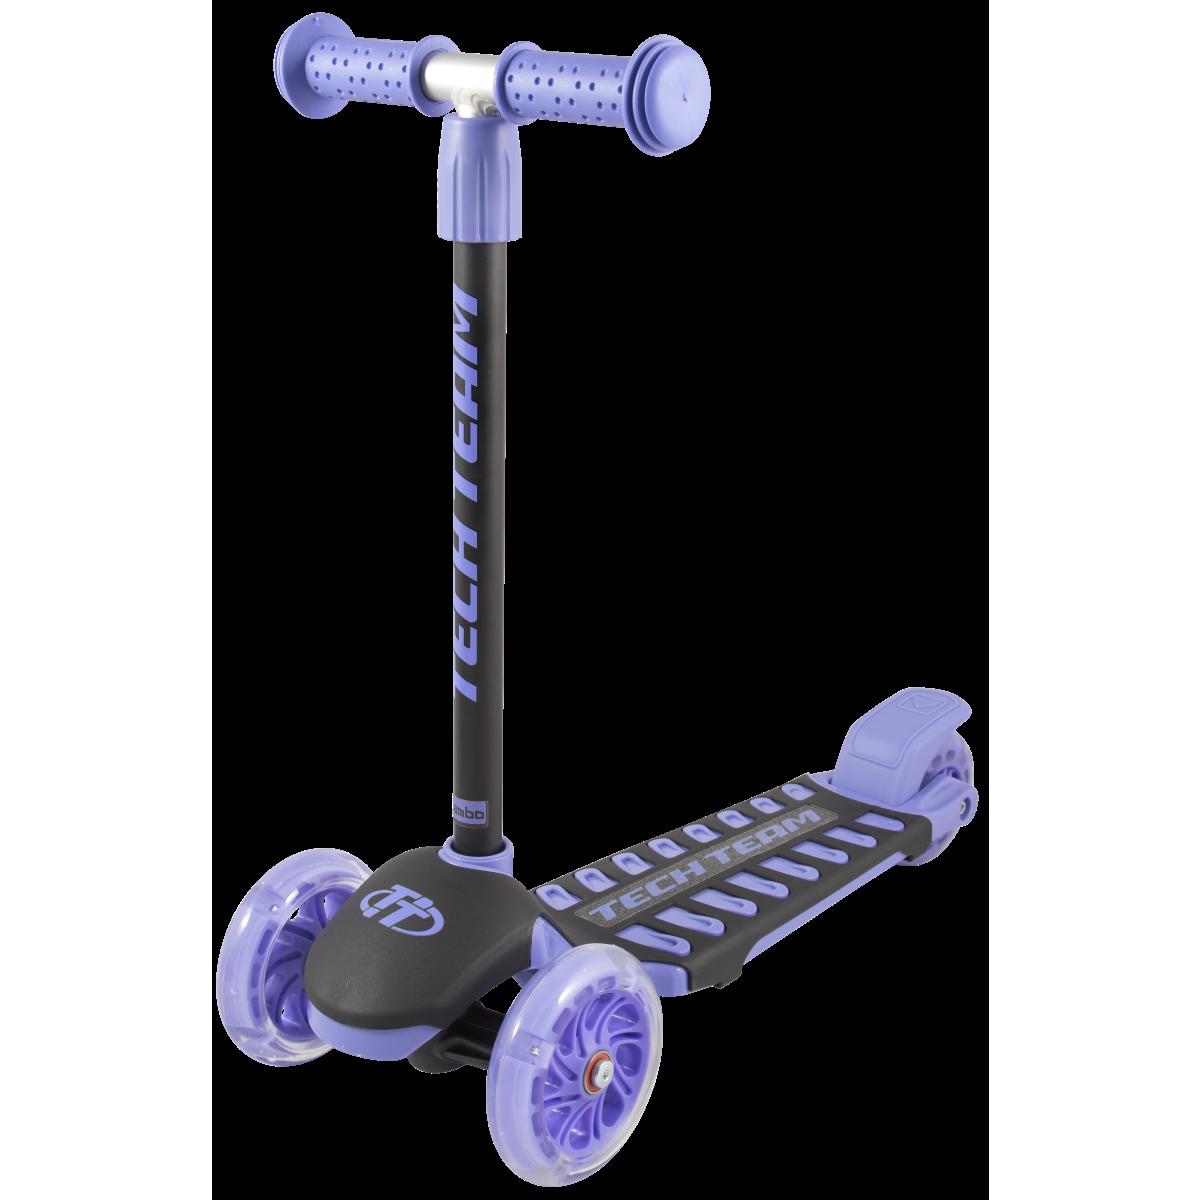 Детский трехколесный самокат-кикборд TechTeam Lambo 2019 фиолетовый